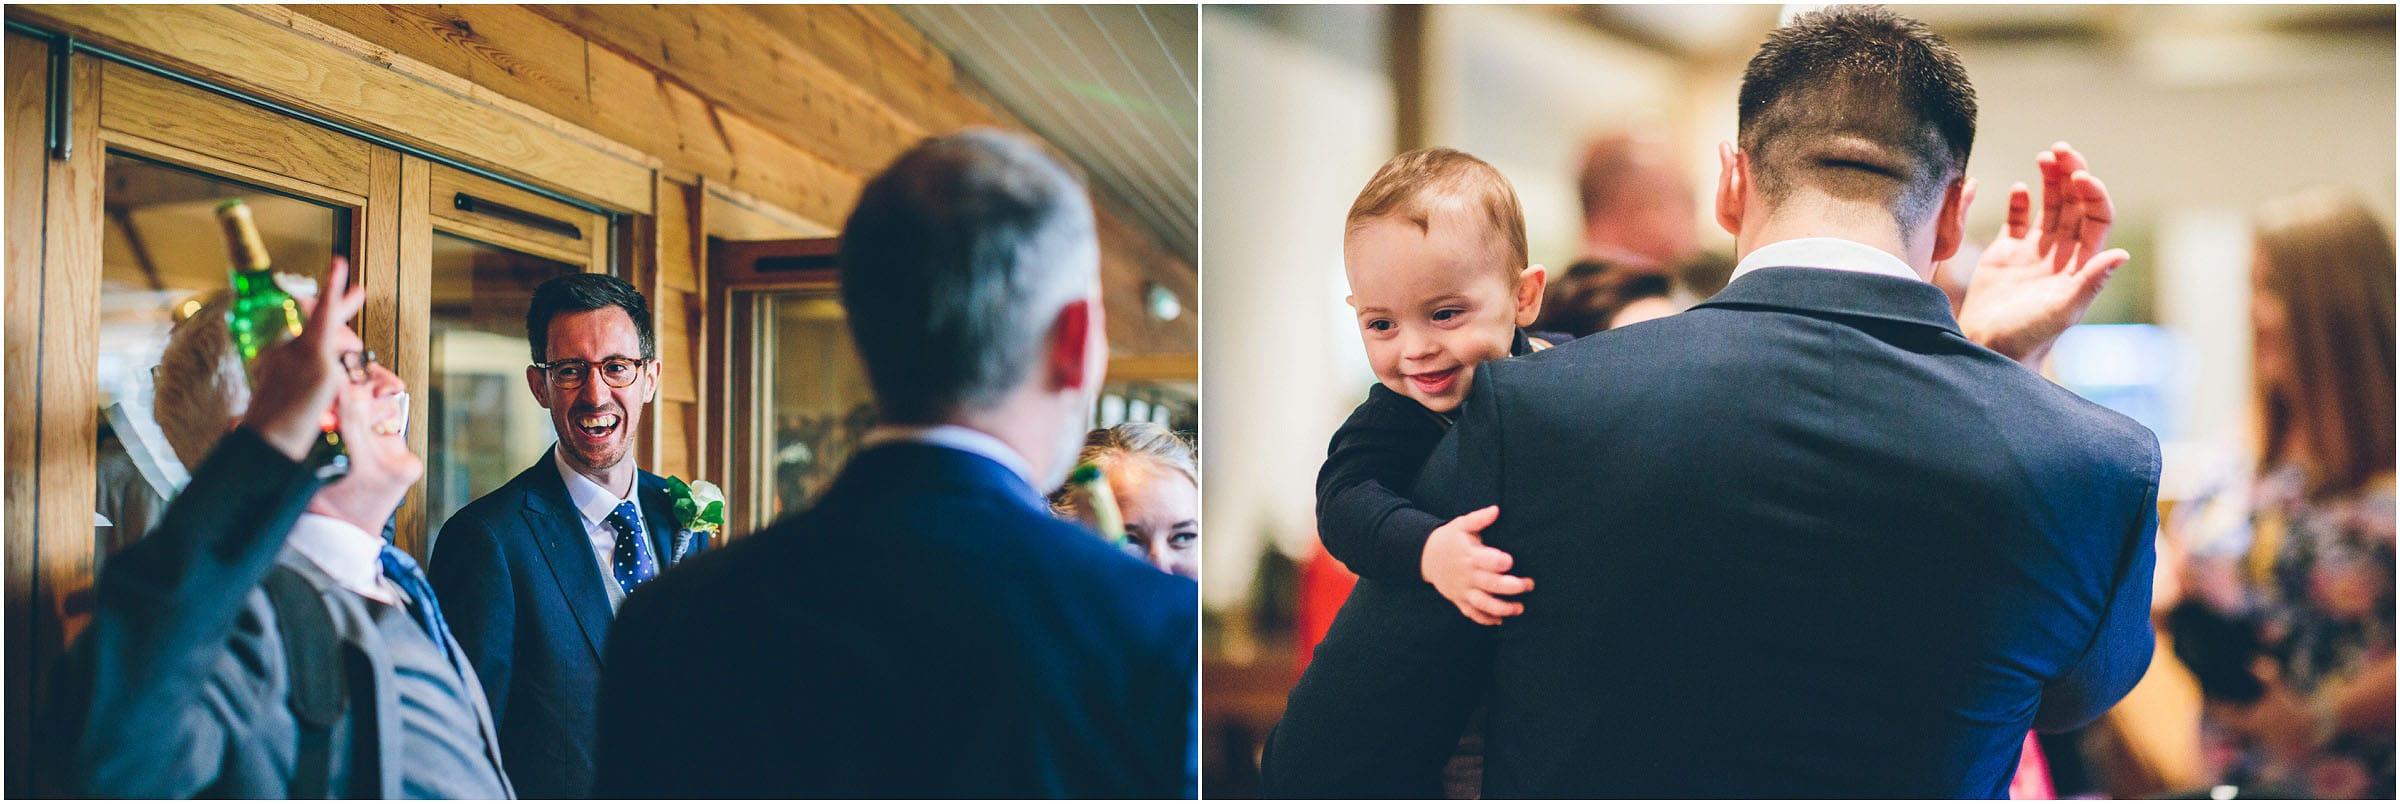 easton_grange_wedding_photography_0055